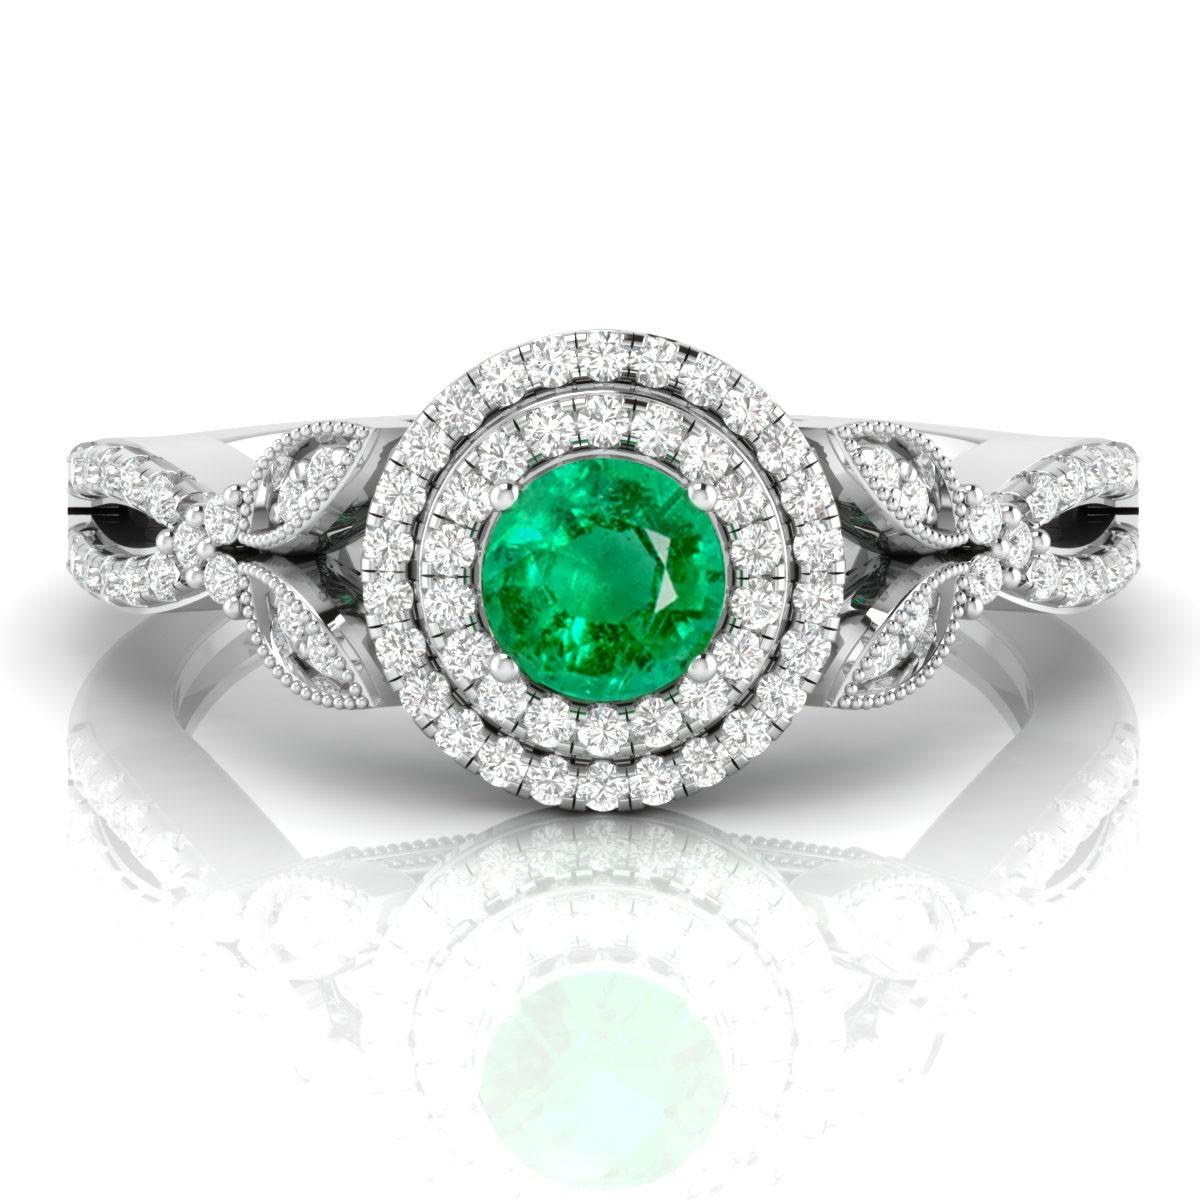 102 DIAM Emerald